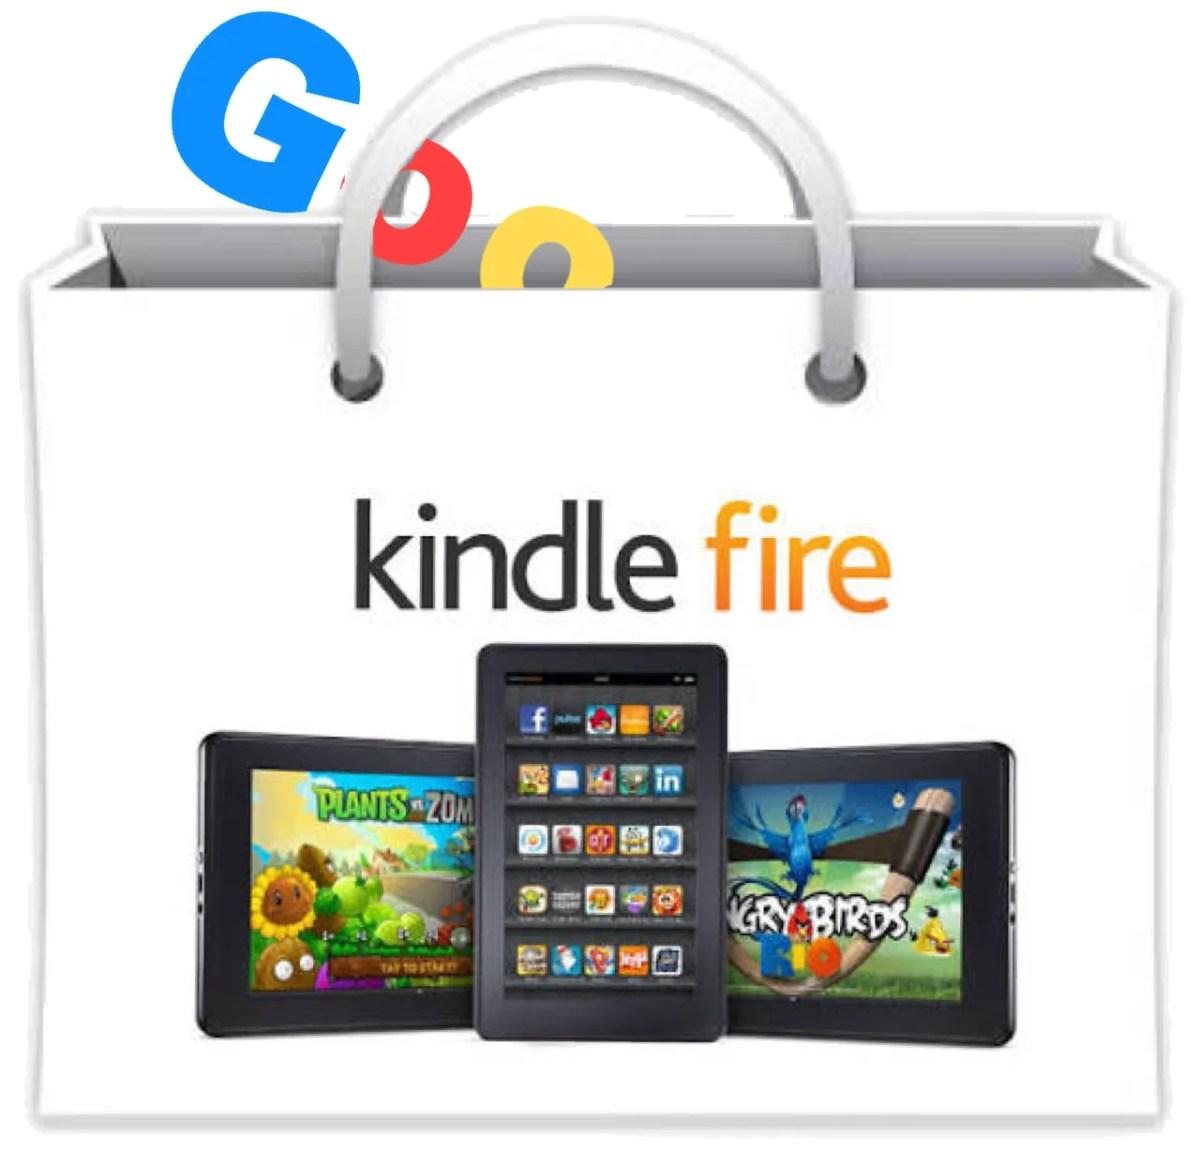 便利すぎて手放せない。AmazonのタブレットkindleFireにGooglePlayアプリをダウンロードしてみた。